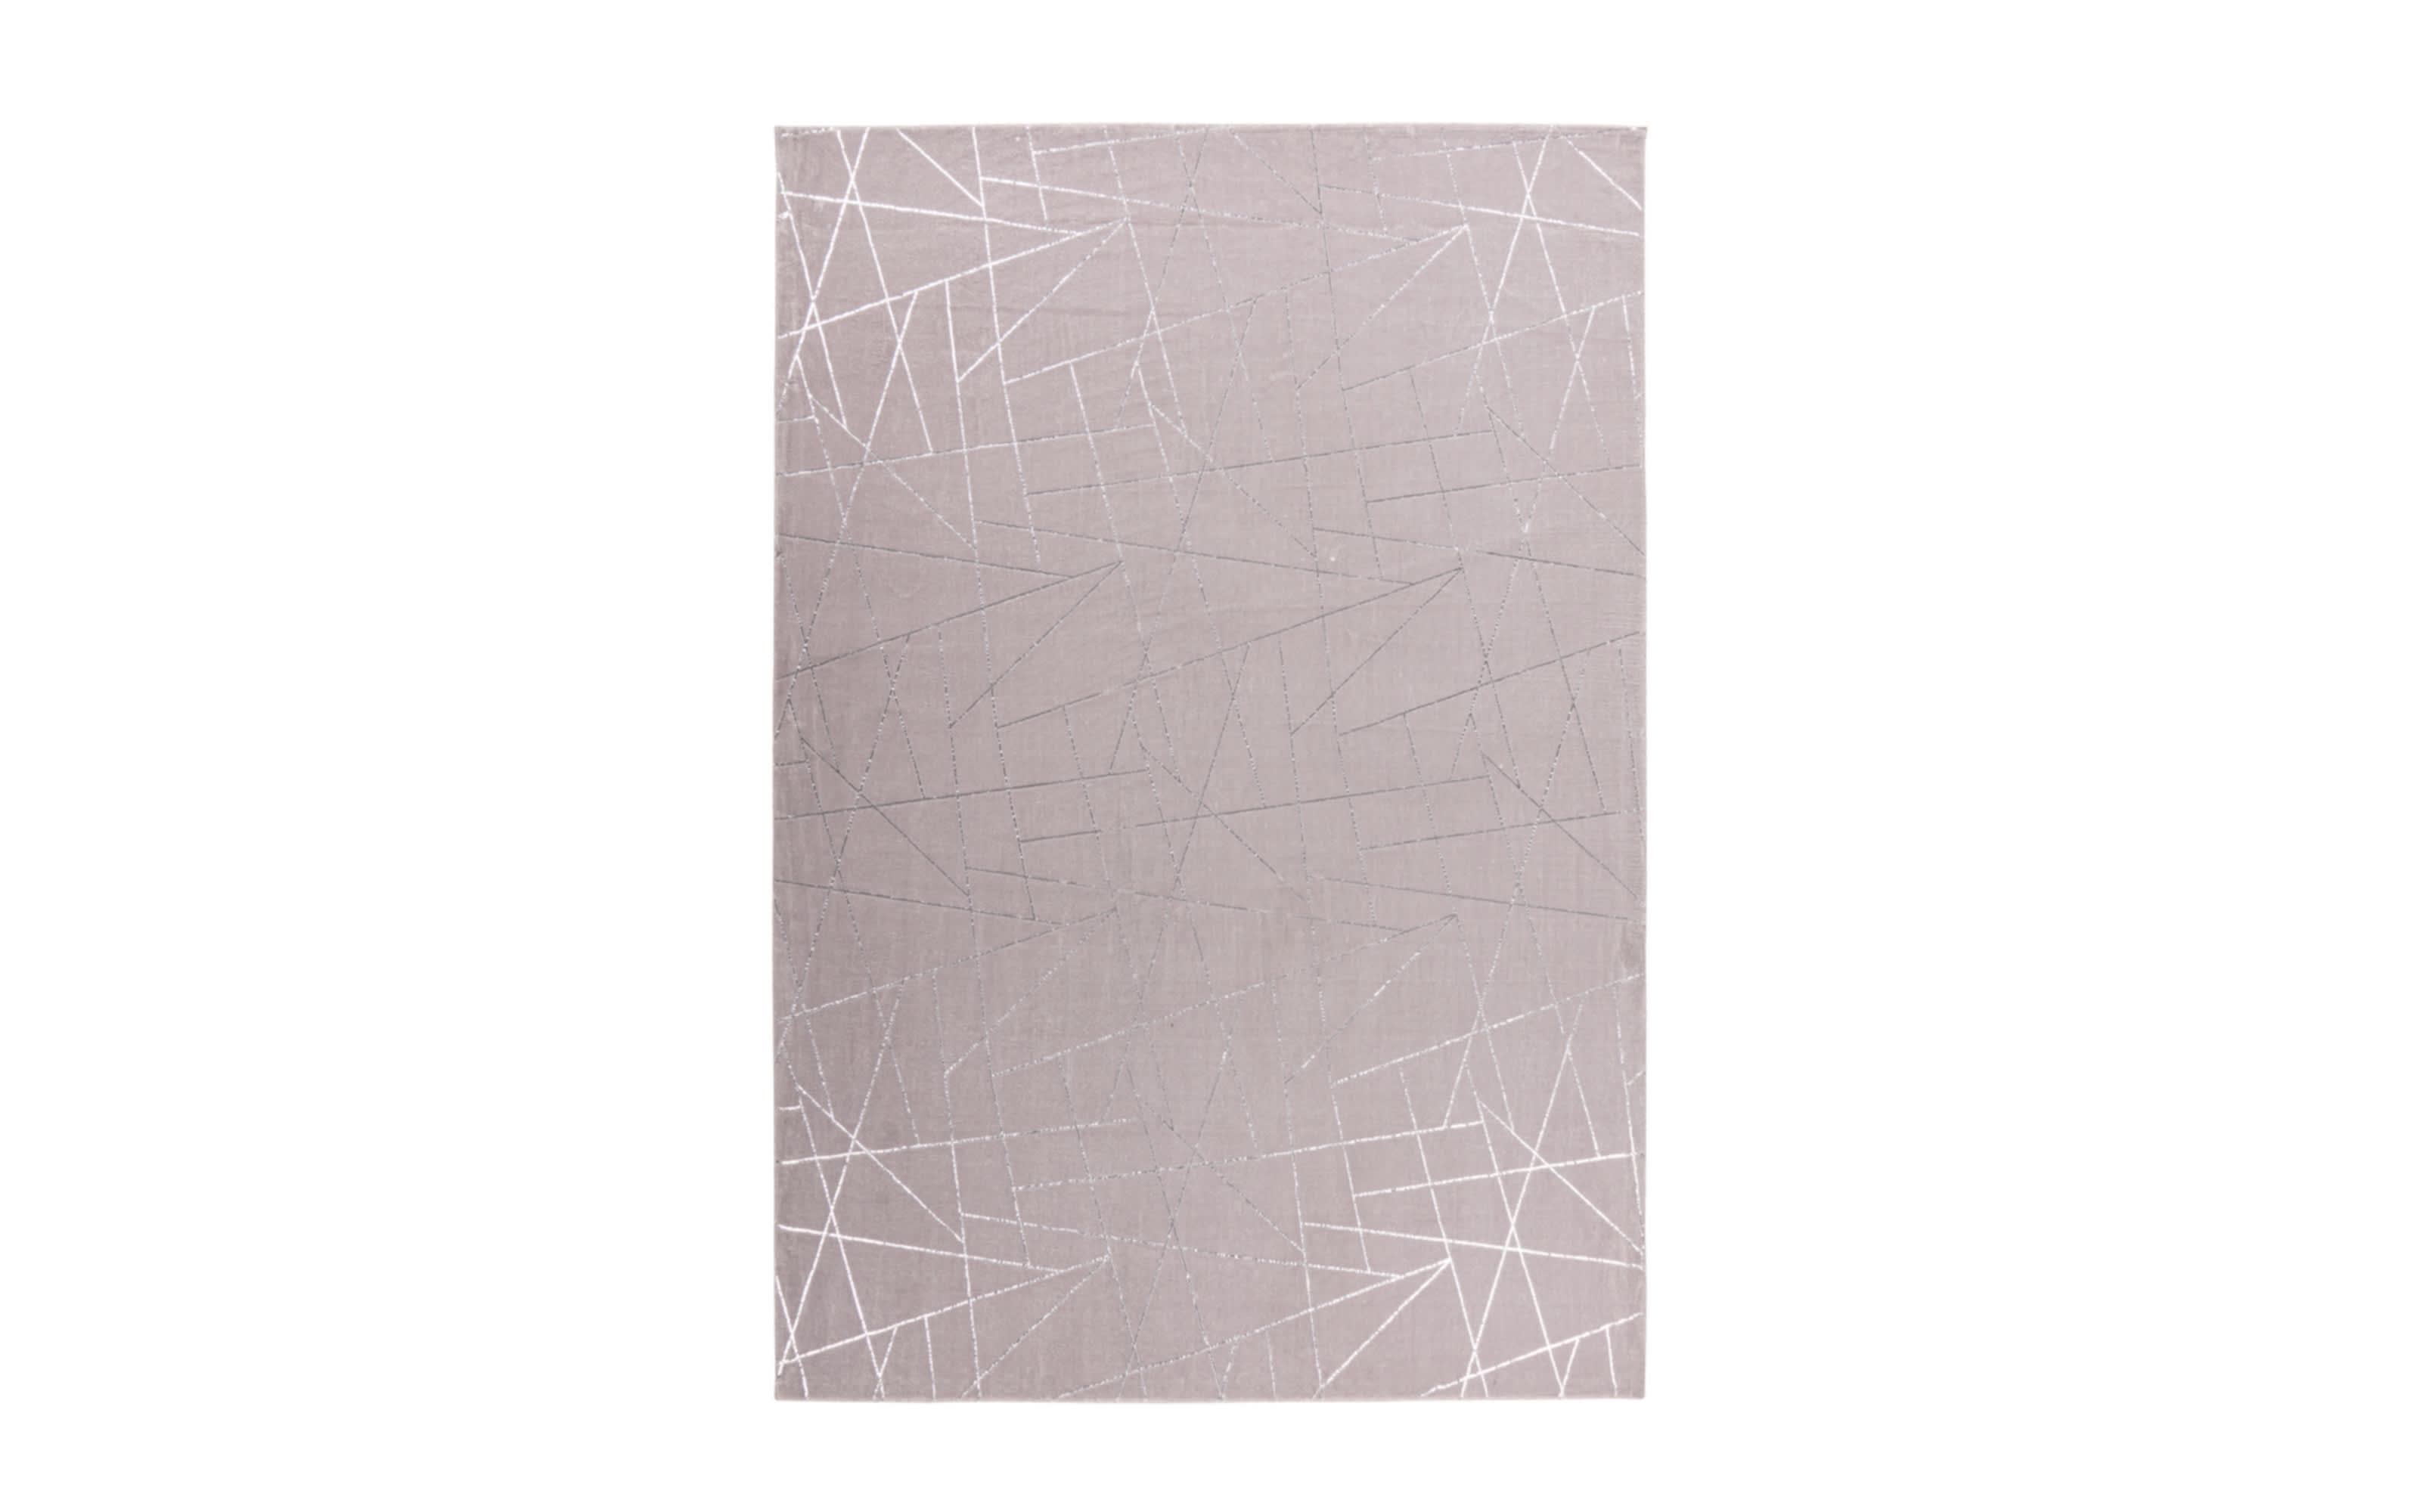 Teppich Bijou 125 in taupe/silber, ca. 120 x 170 cm